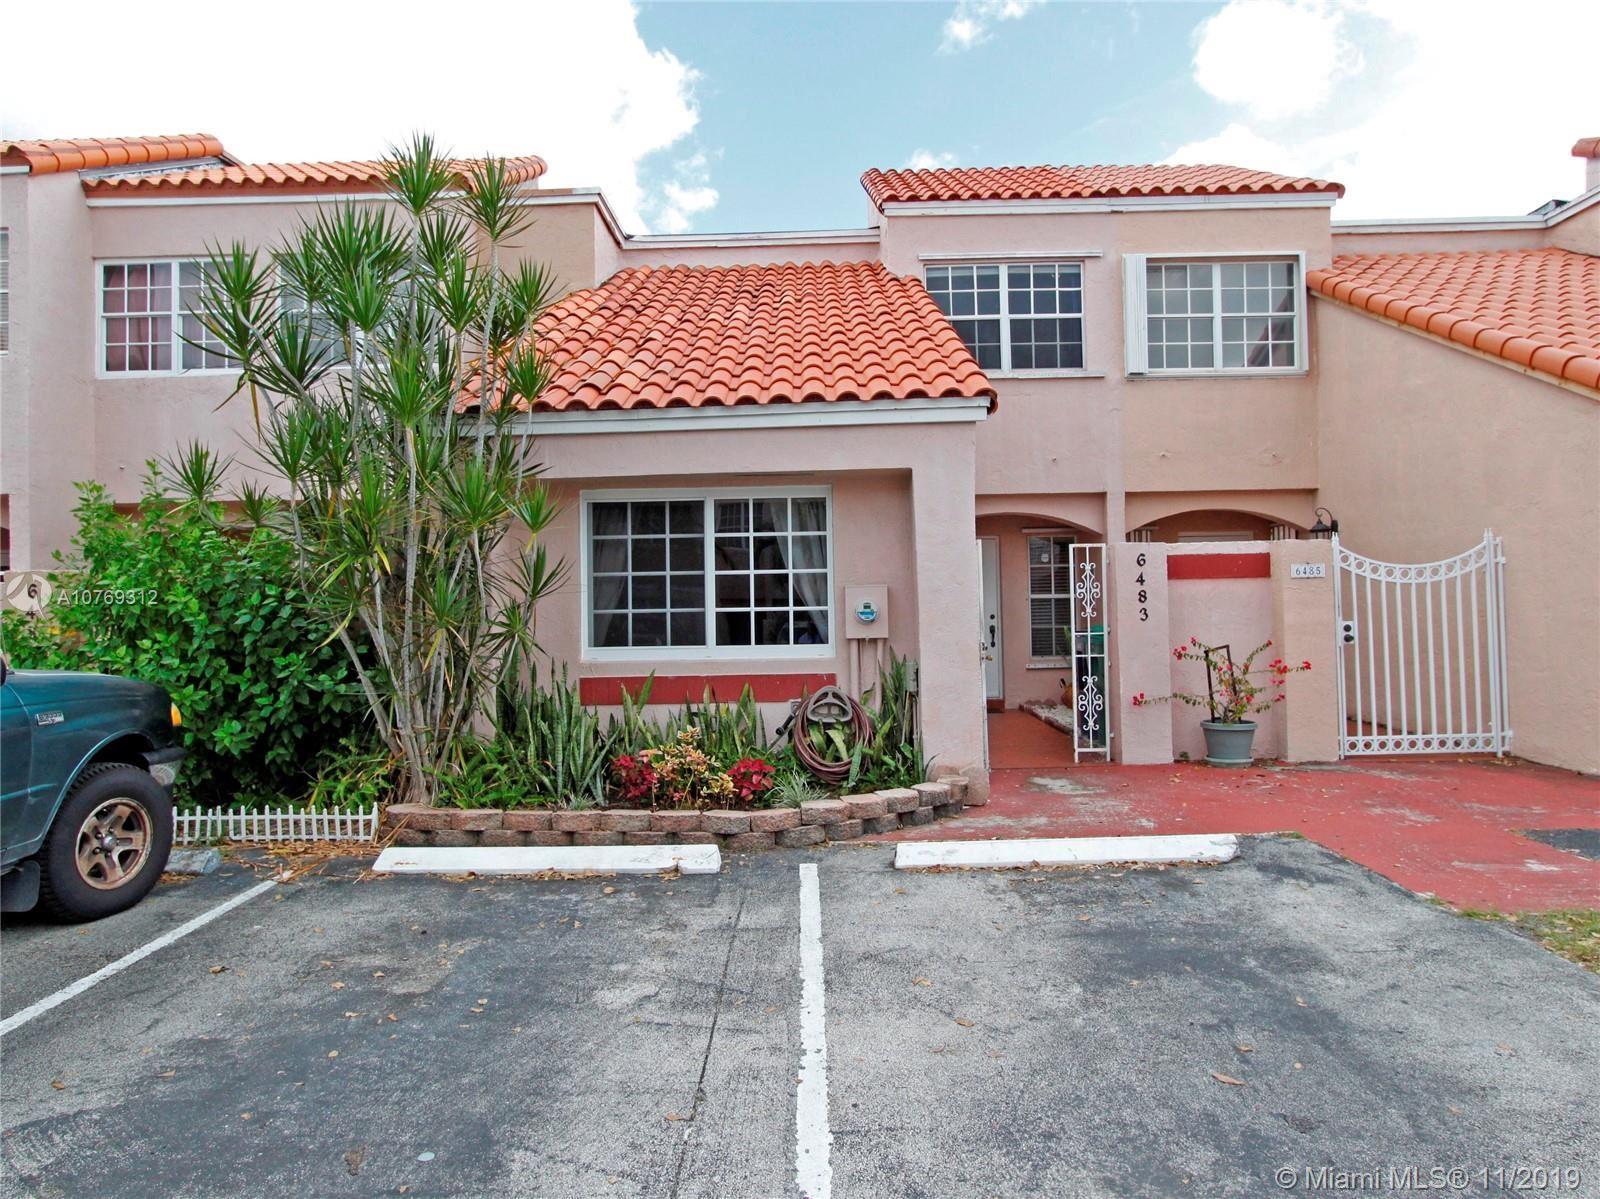 6483 SW 129th Ave, Miami, FL 33183 - MLS#: A10769312